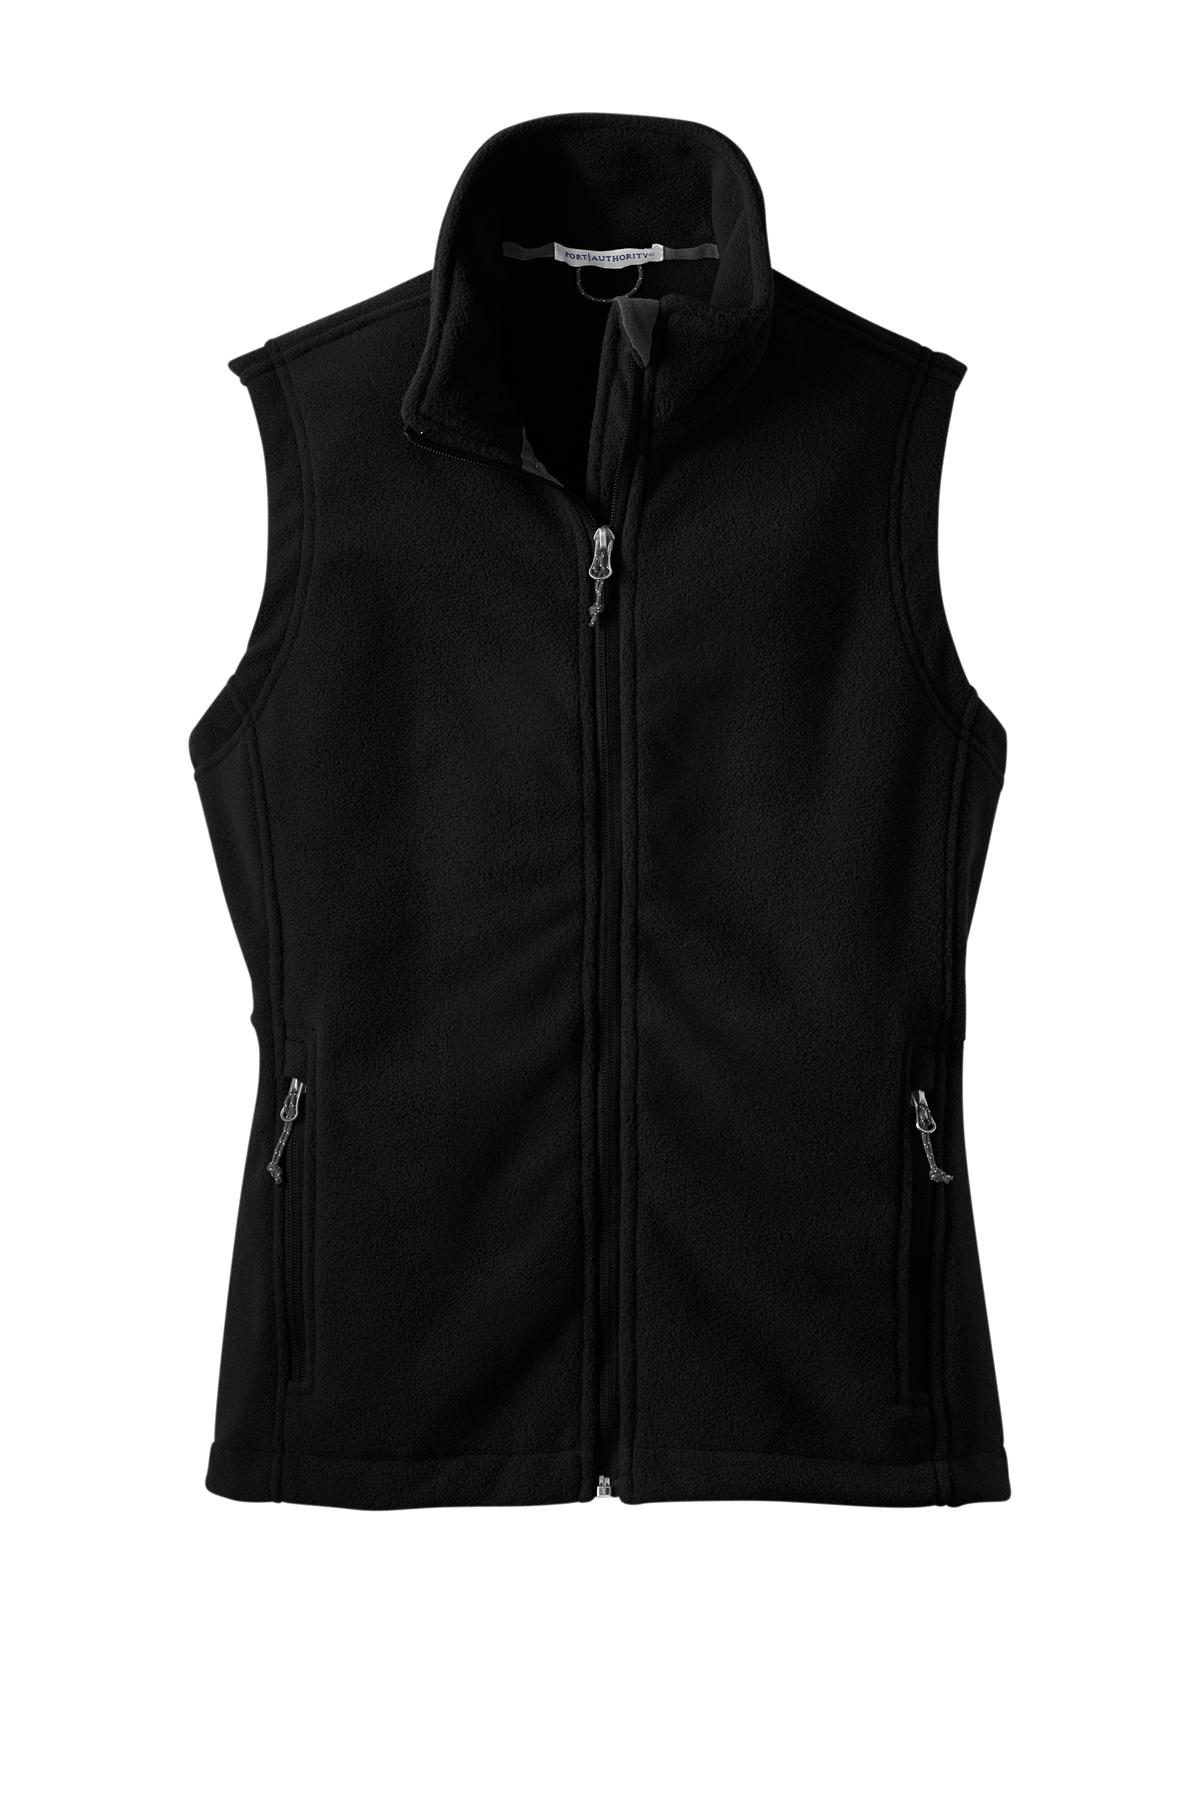 L219 Port Authority Value Fleece Vest